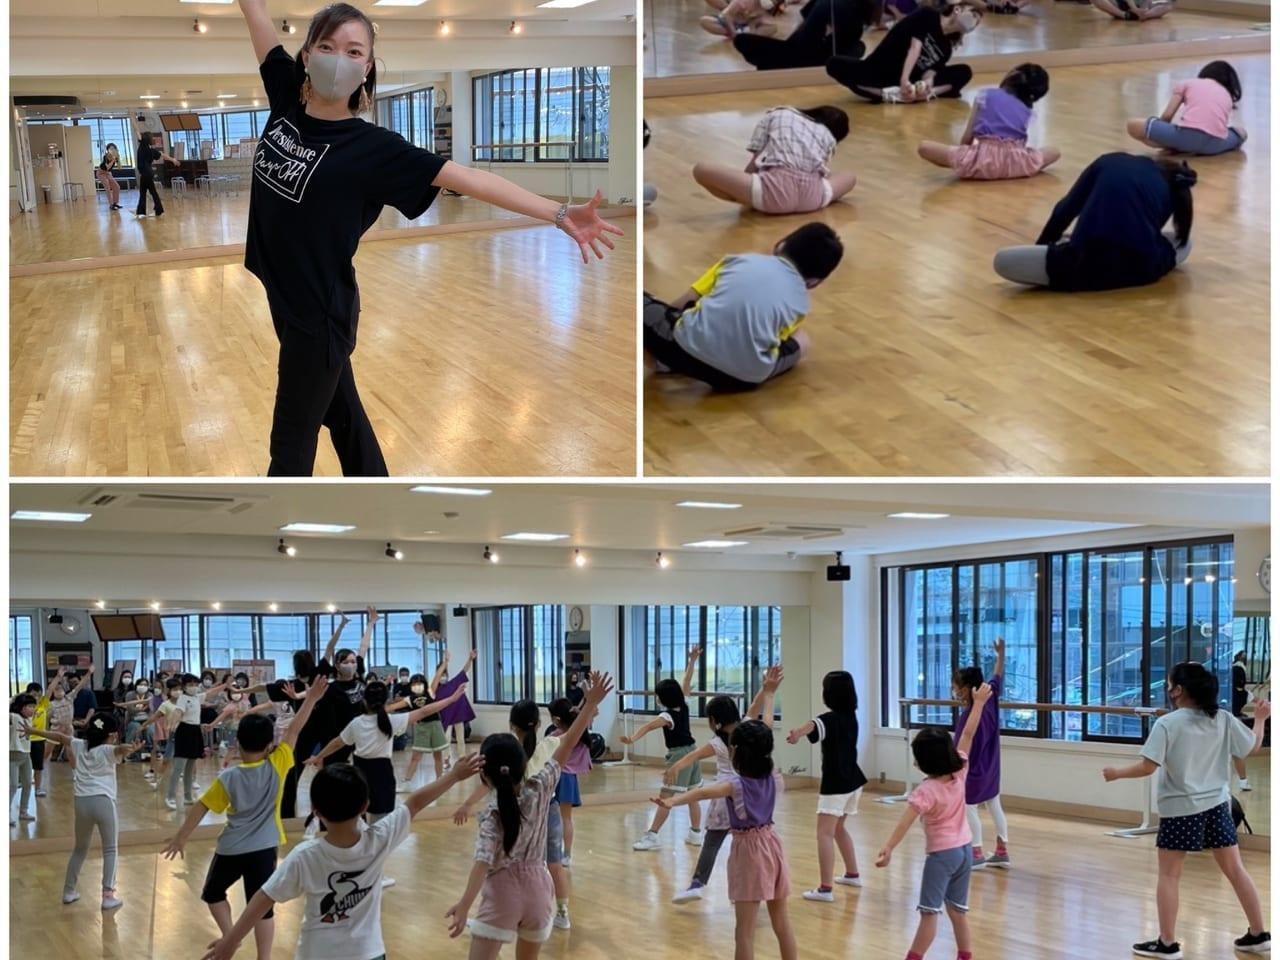 関西ジュニアスポーツ能力開発協会による 無料ダンス教室